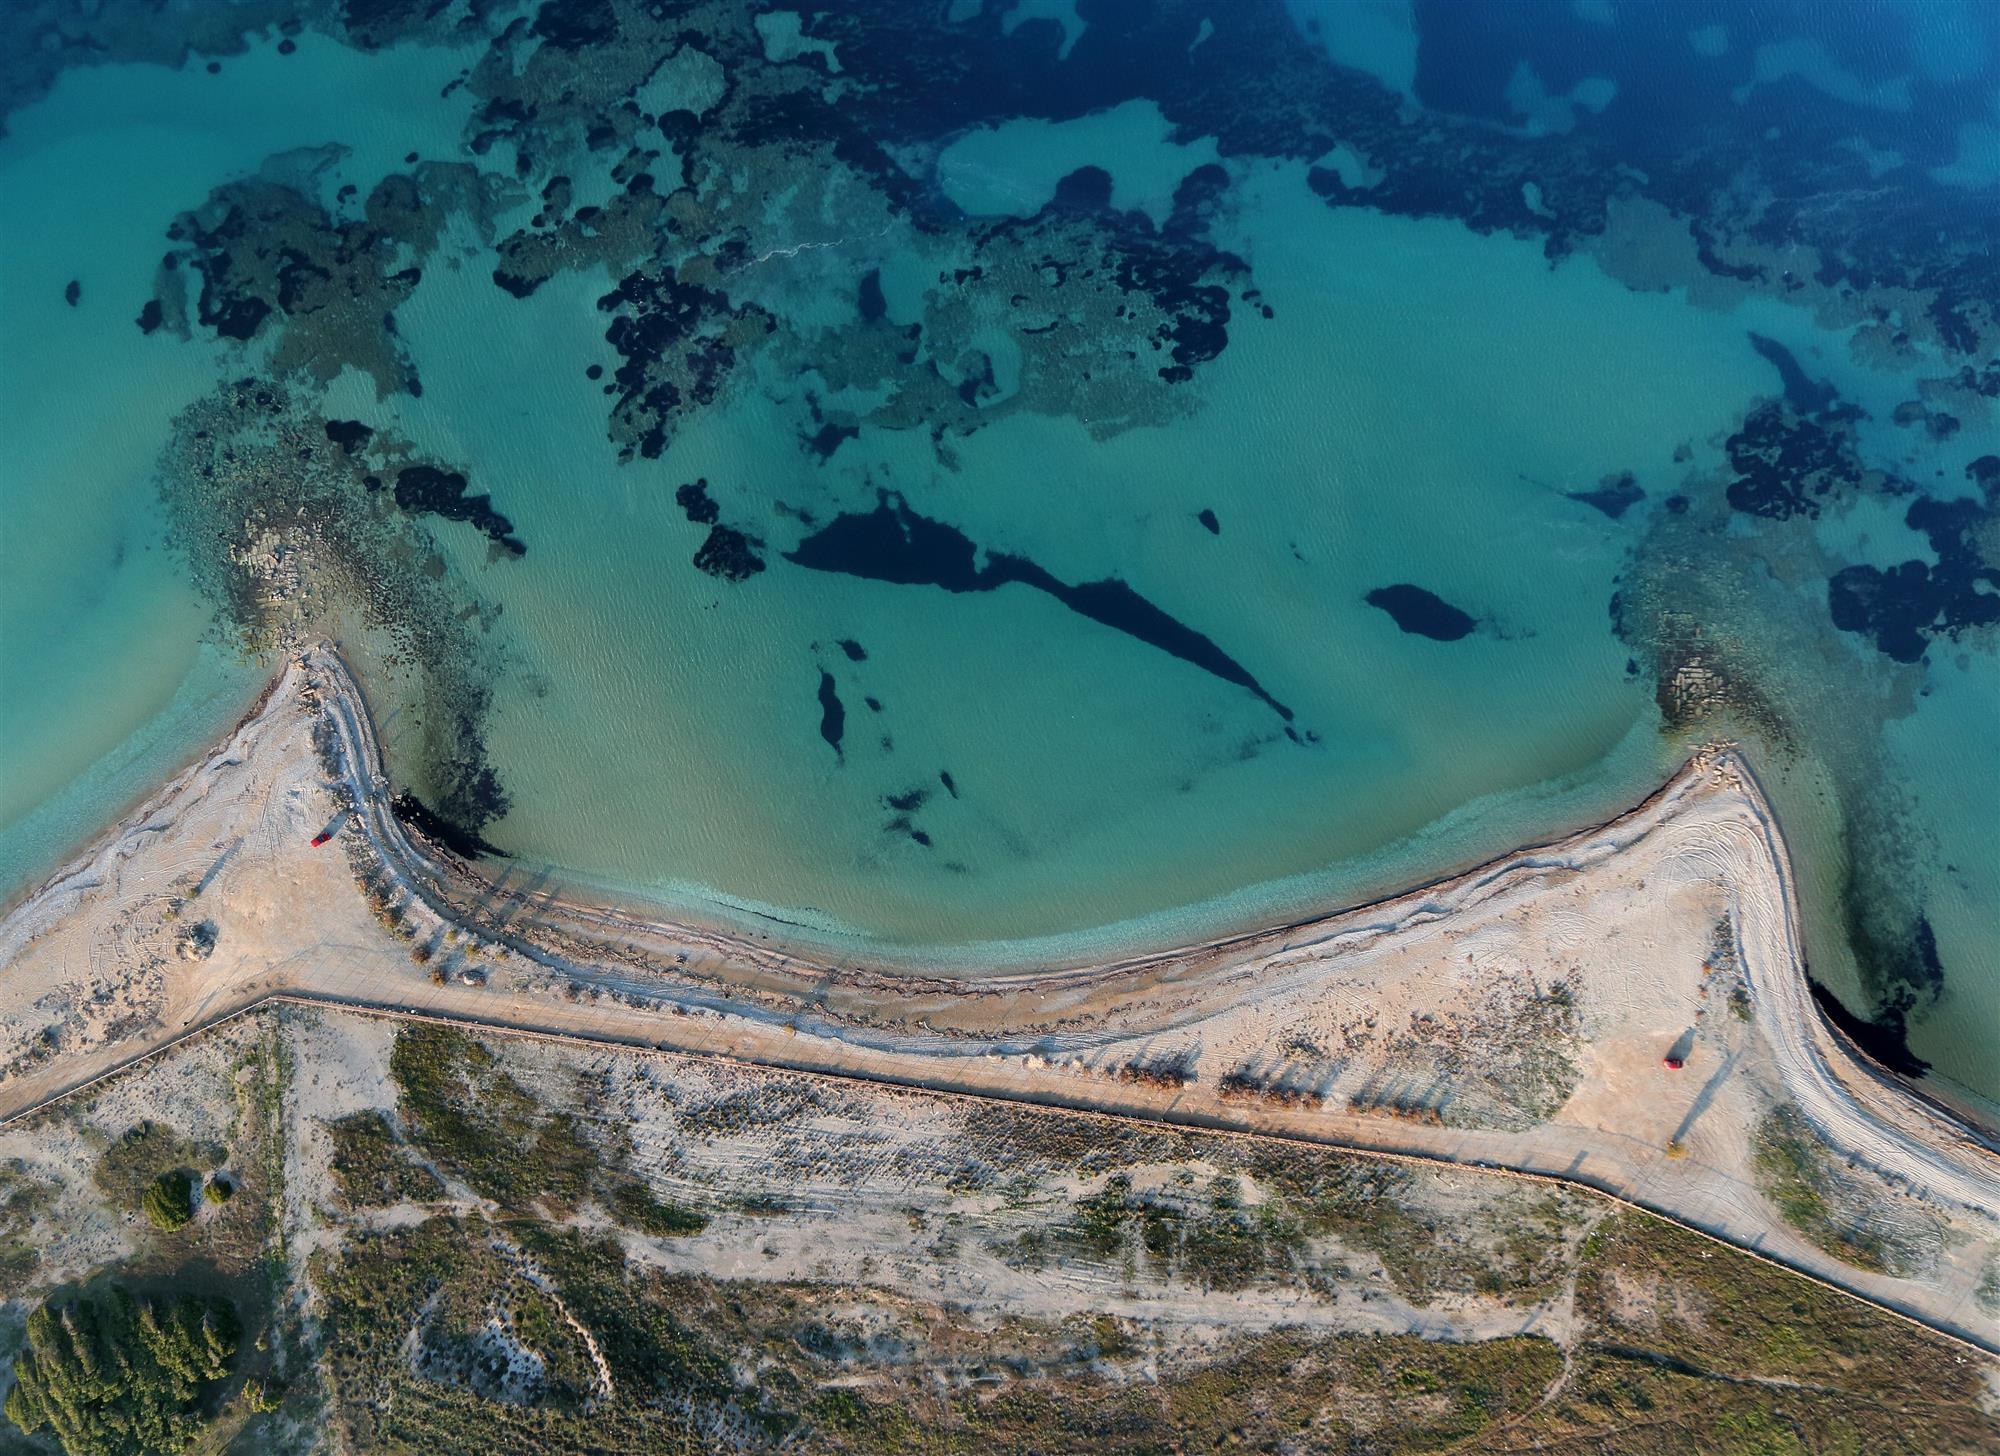 Hallan estructuras romanas monumentales y misteriosas en el antiguo puerto de Corinto